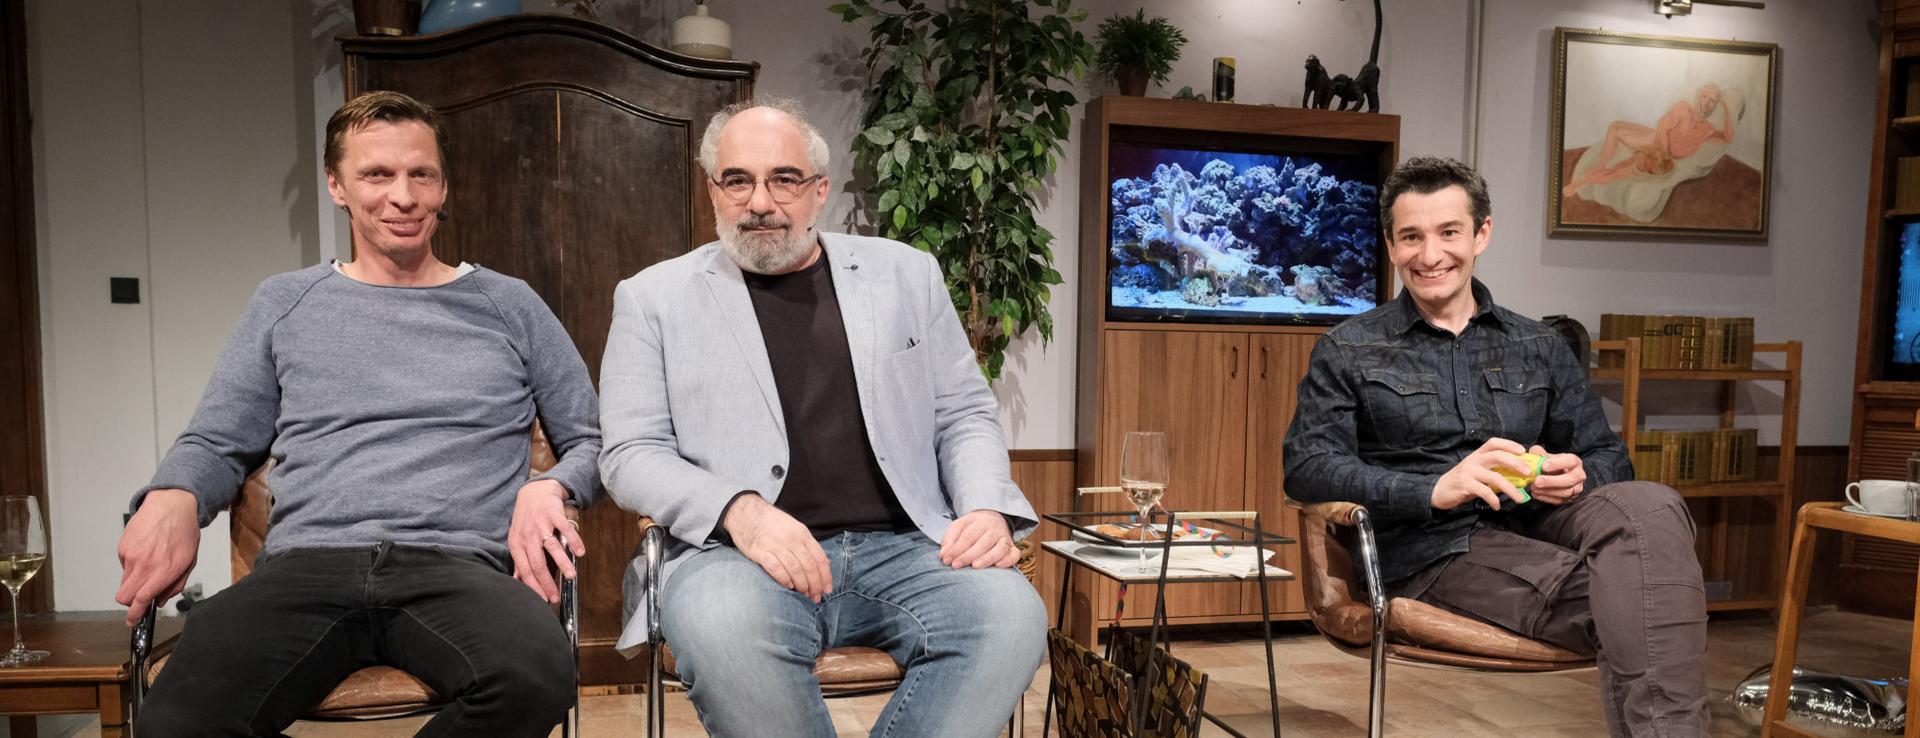 Eckel & Niavarani & Sarsam - Wenn der Harn dreimal kräht!